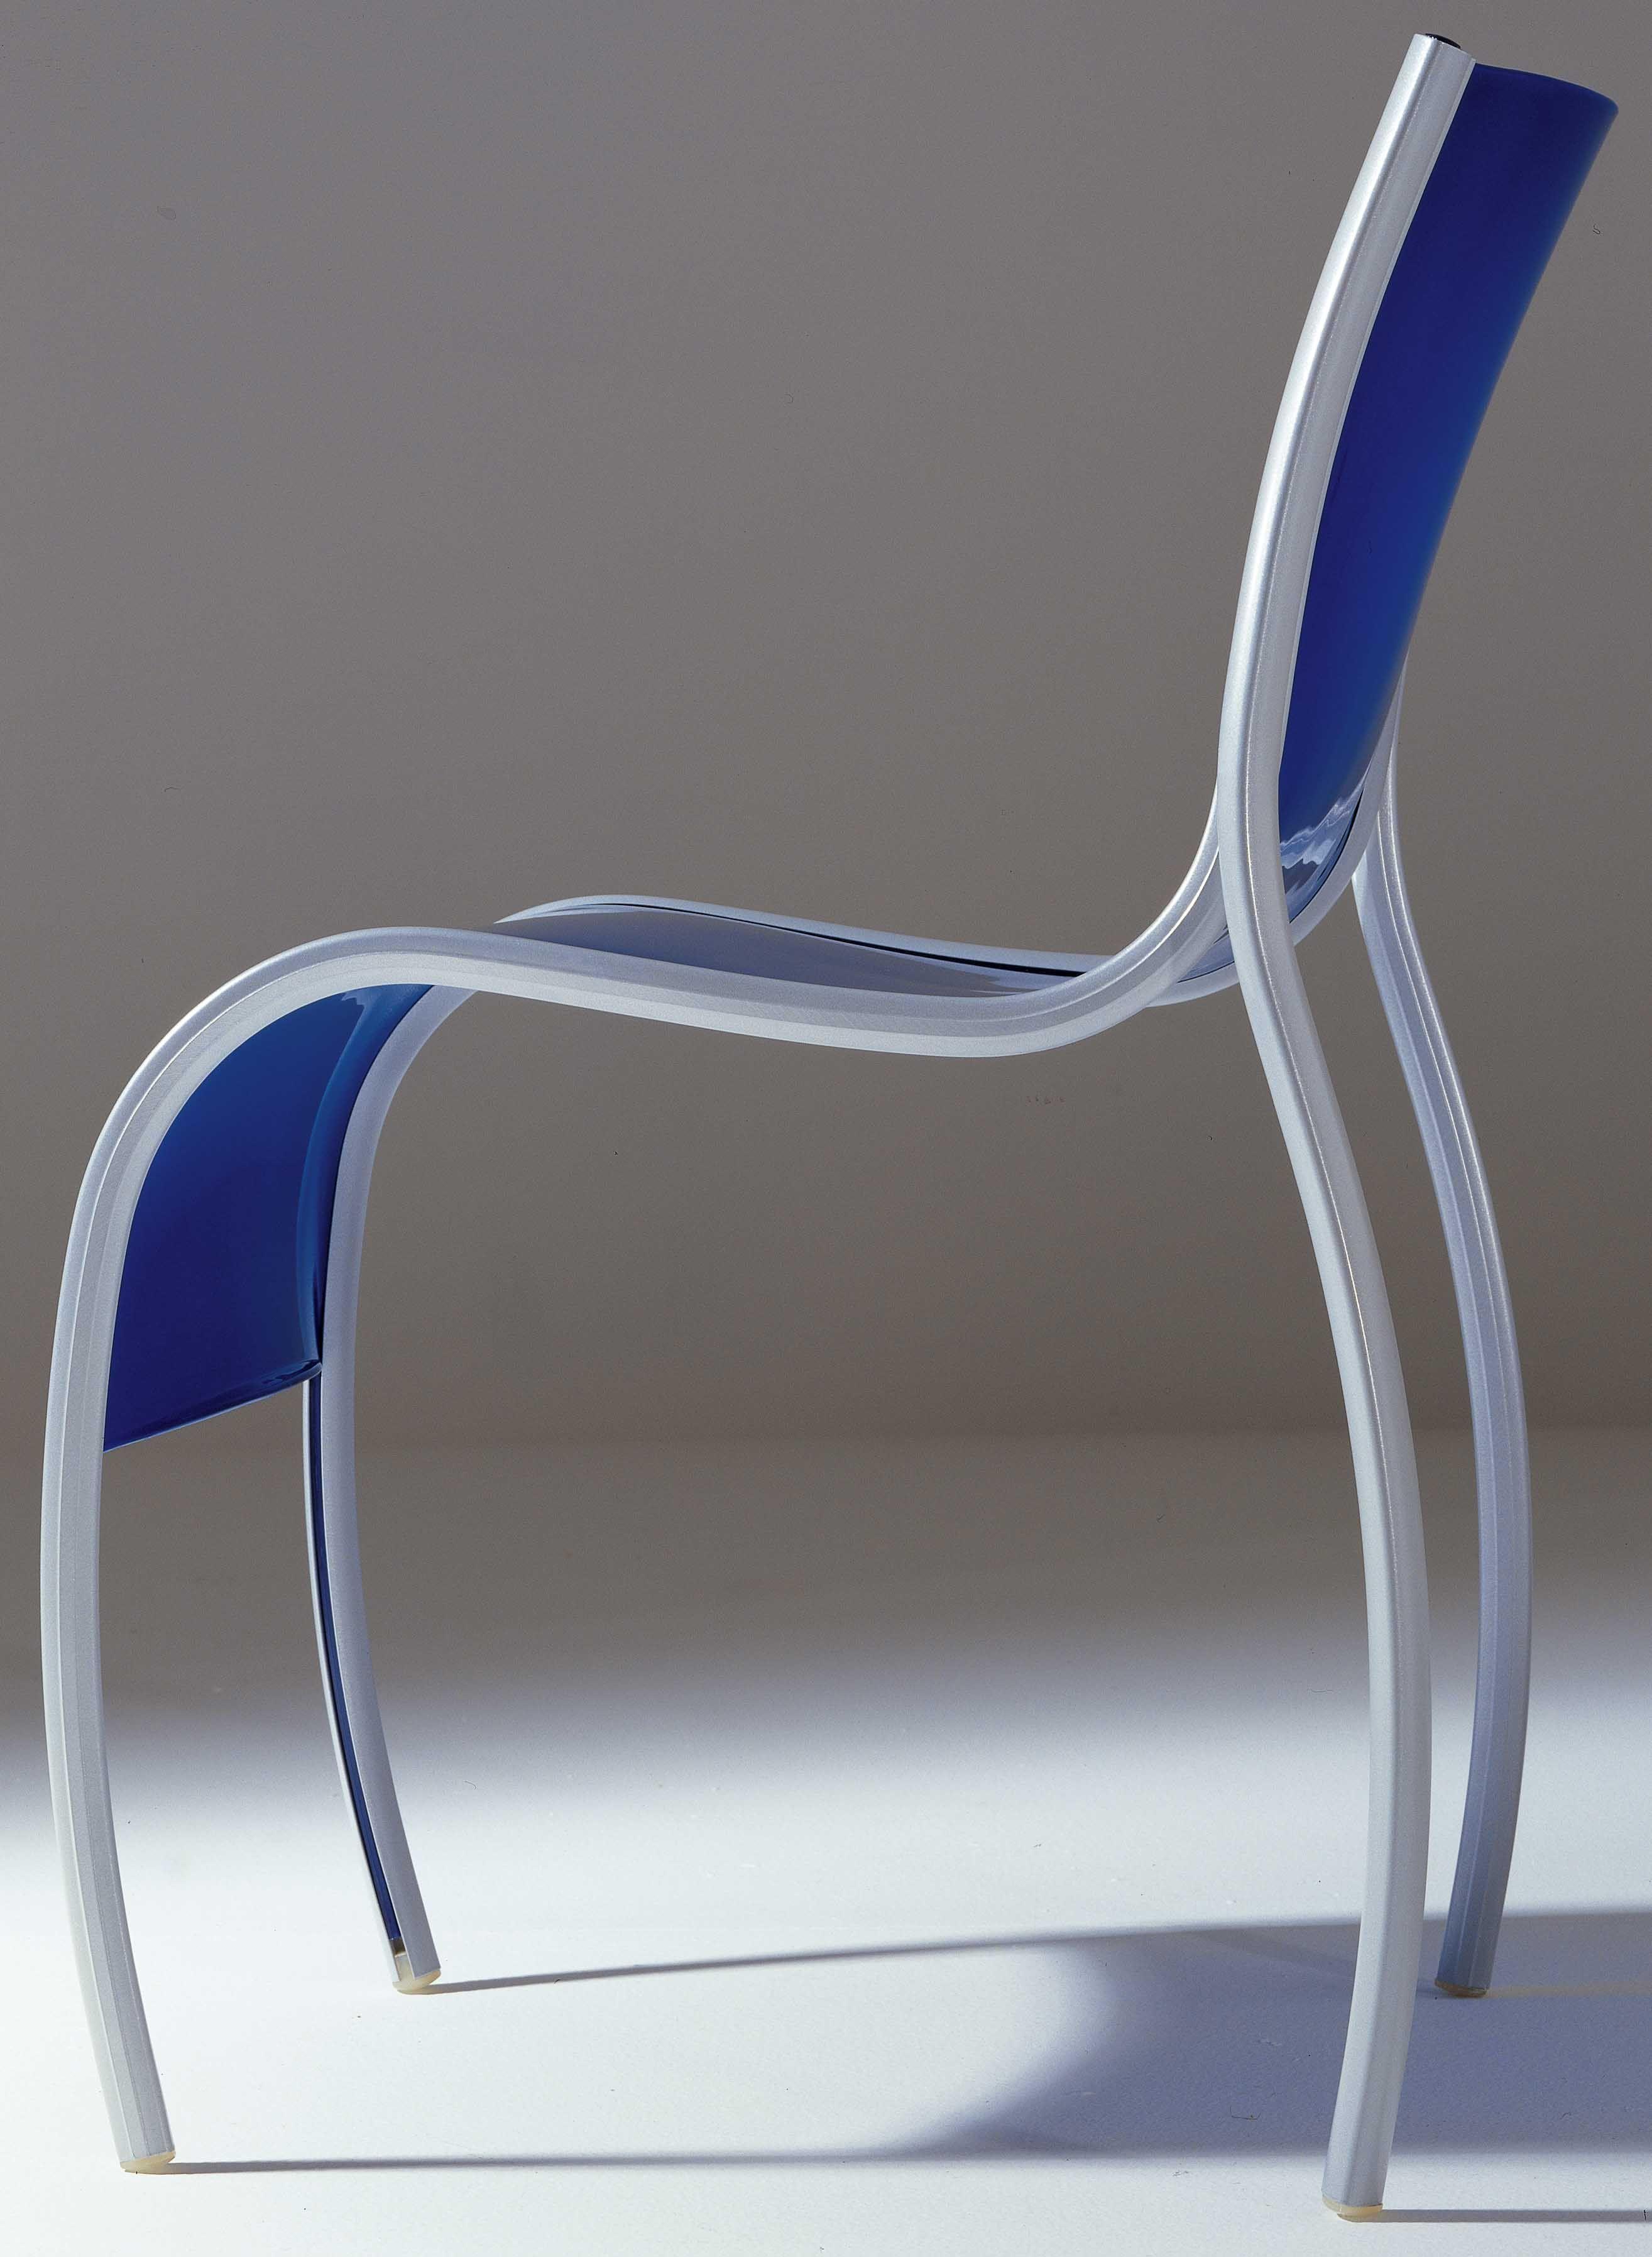 Chaise empilable fpe plastique m tal bleu kartell for Chaise empilable plastique